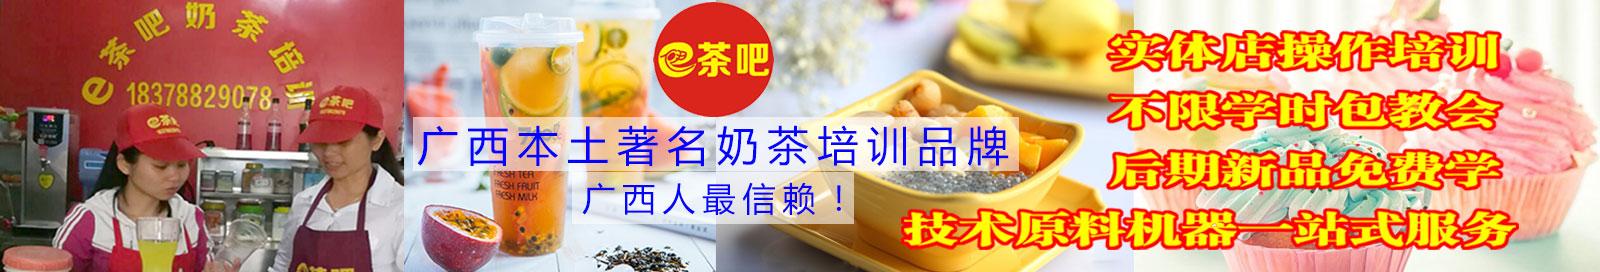 南宁e茶吧奶茶技术培训学校